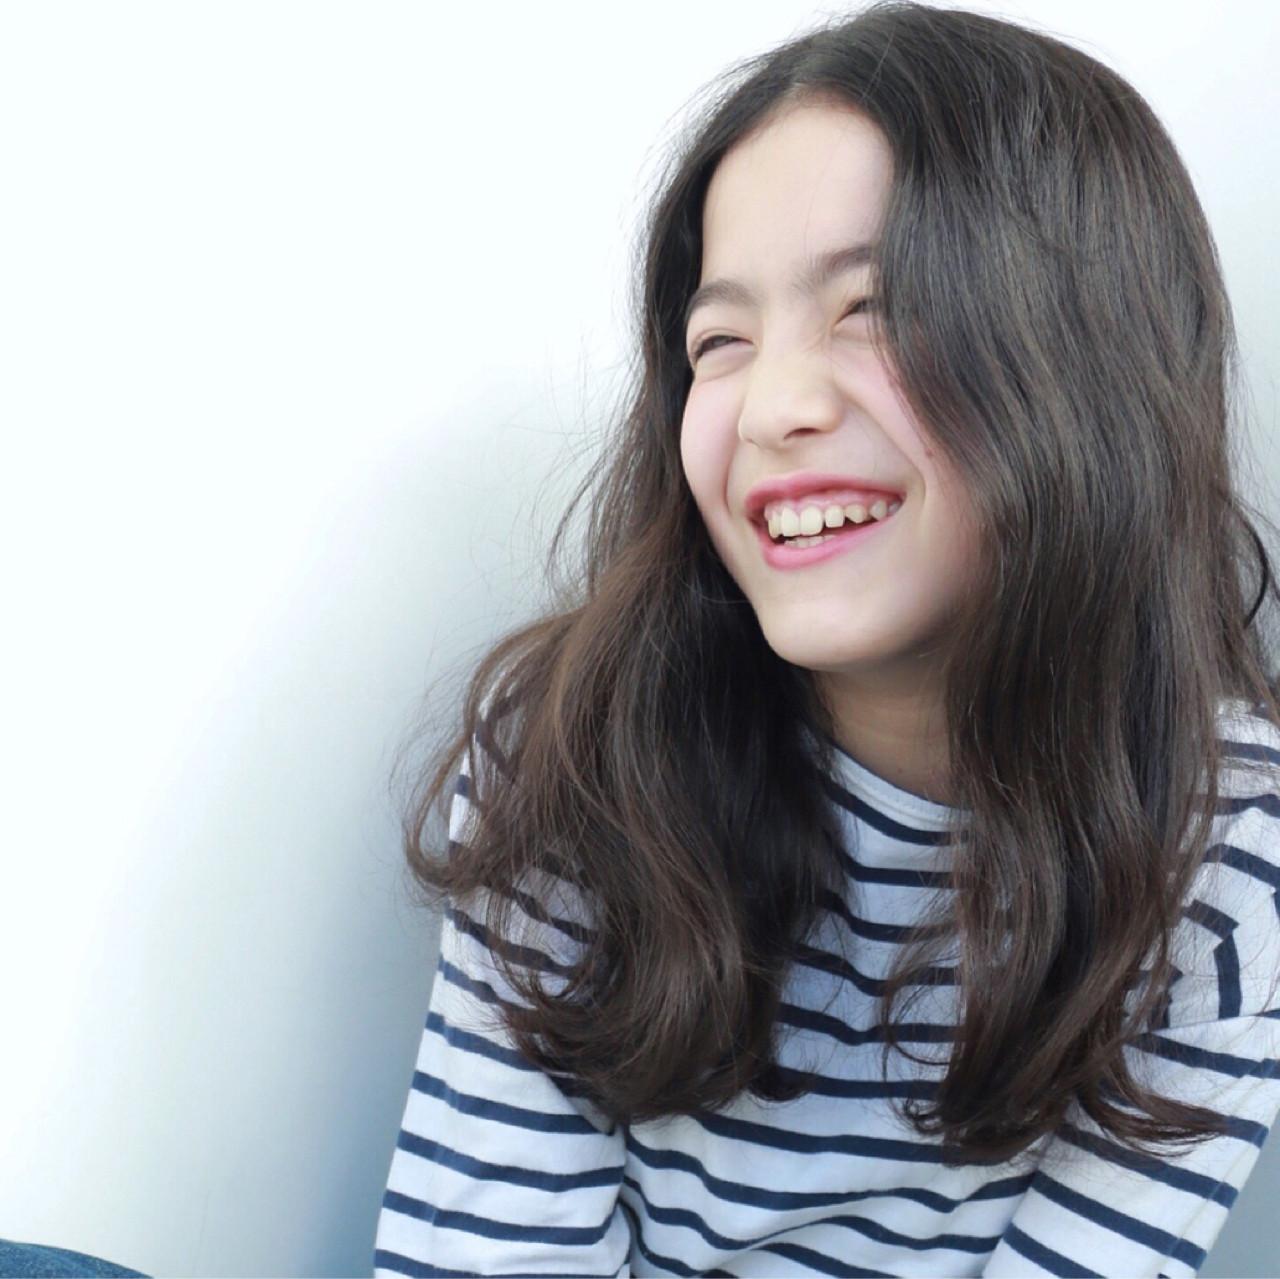 セミロング ナチュラル グレーアッシュ アッシュ ヘアスタイルや髪型の写真・画像 | 高橋 忍 / nanuk渋谷店(ナヌーク)